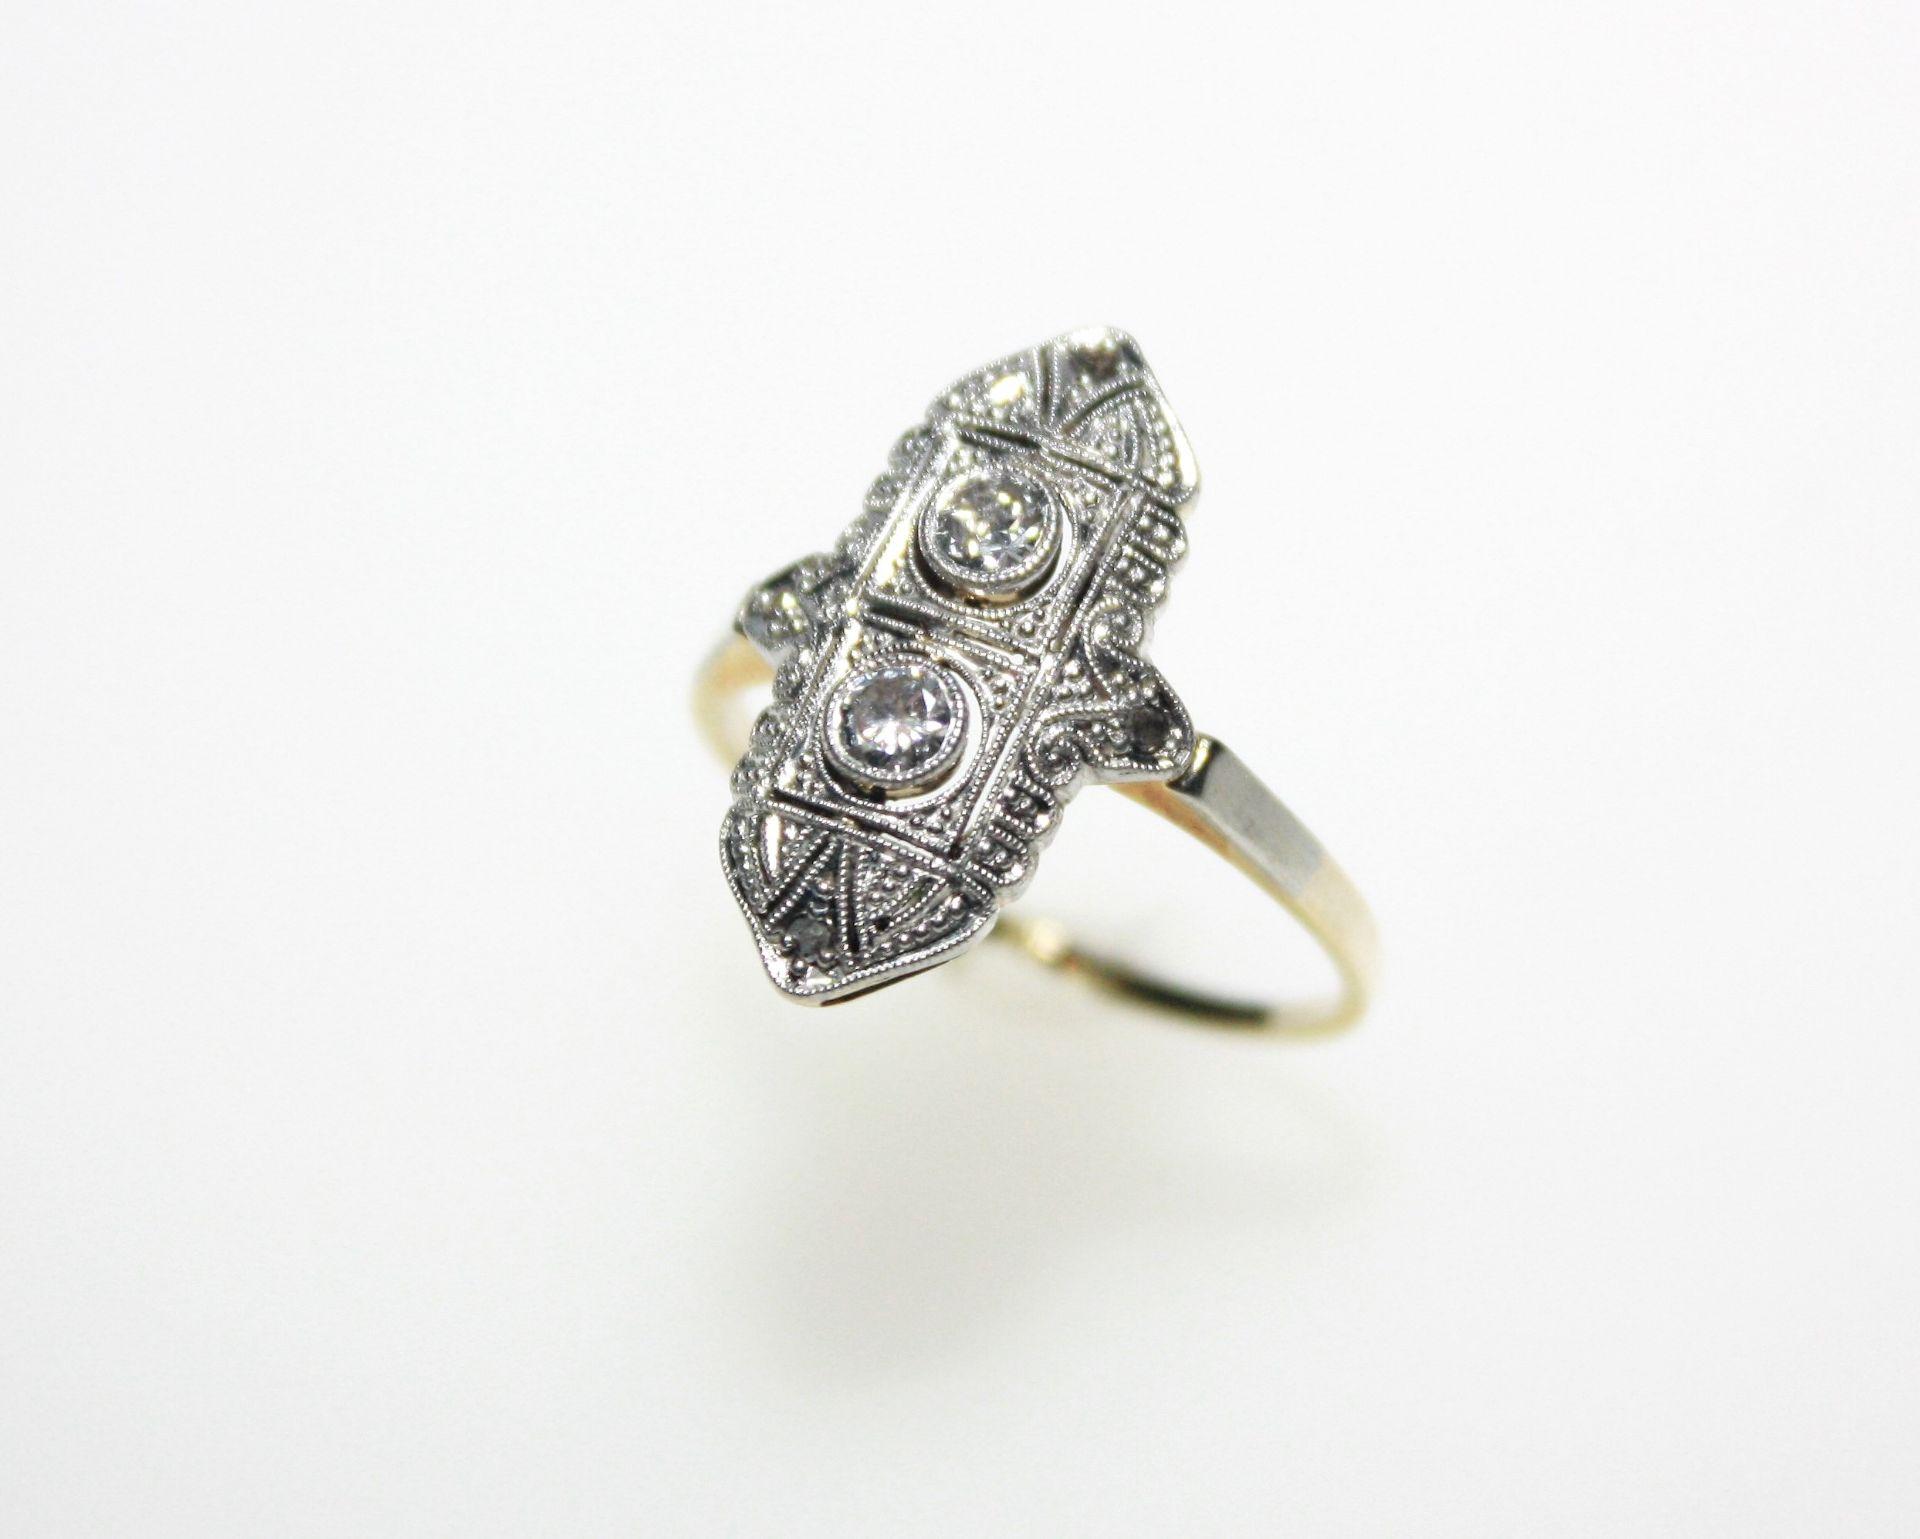 Älterer, goldener Ring mit weißer Aufsicht ca. 585/f, Art Deco, längs ge stellter Ringkopf mit